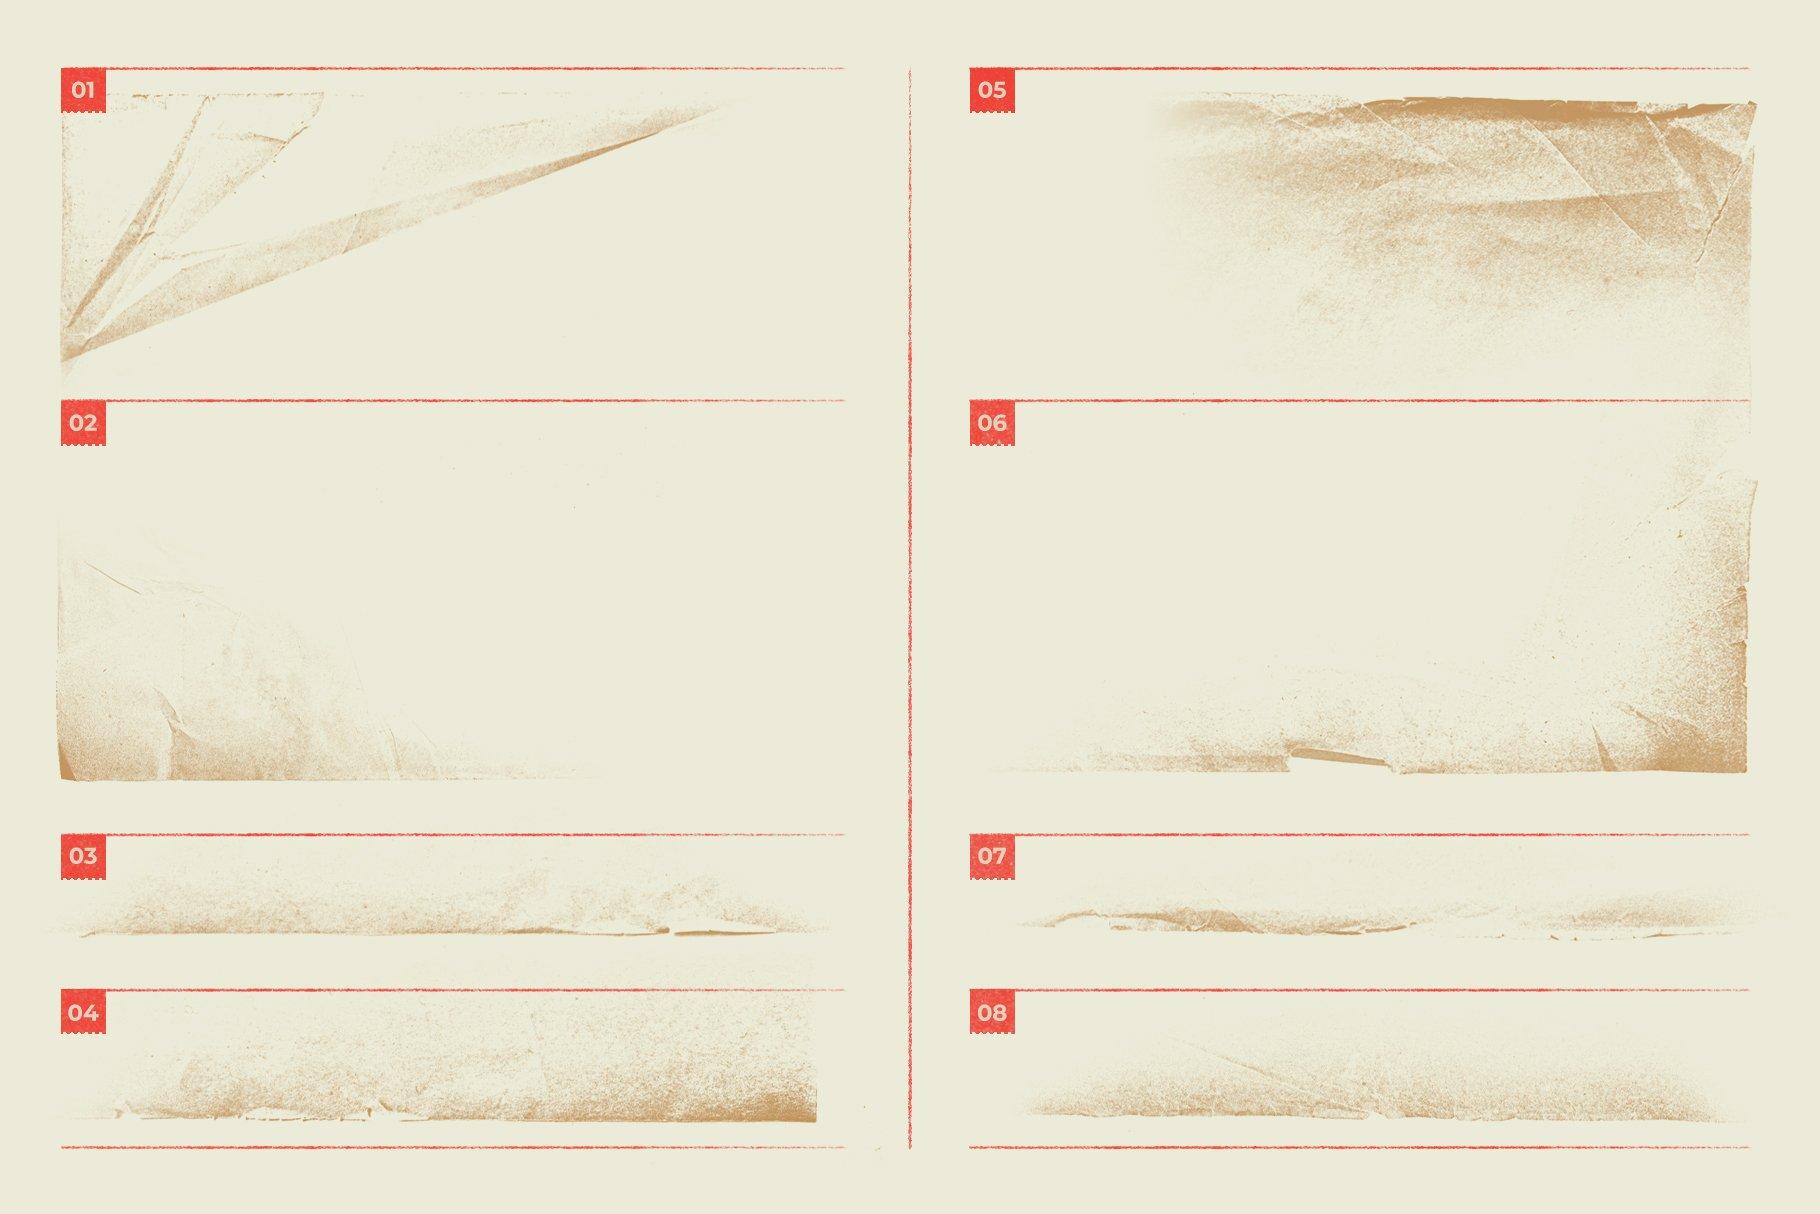 Megapack 复古破旧划痕撕纸褶皱海报PSD模板+笔刷(4318)插图(2)